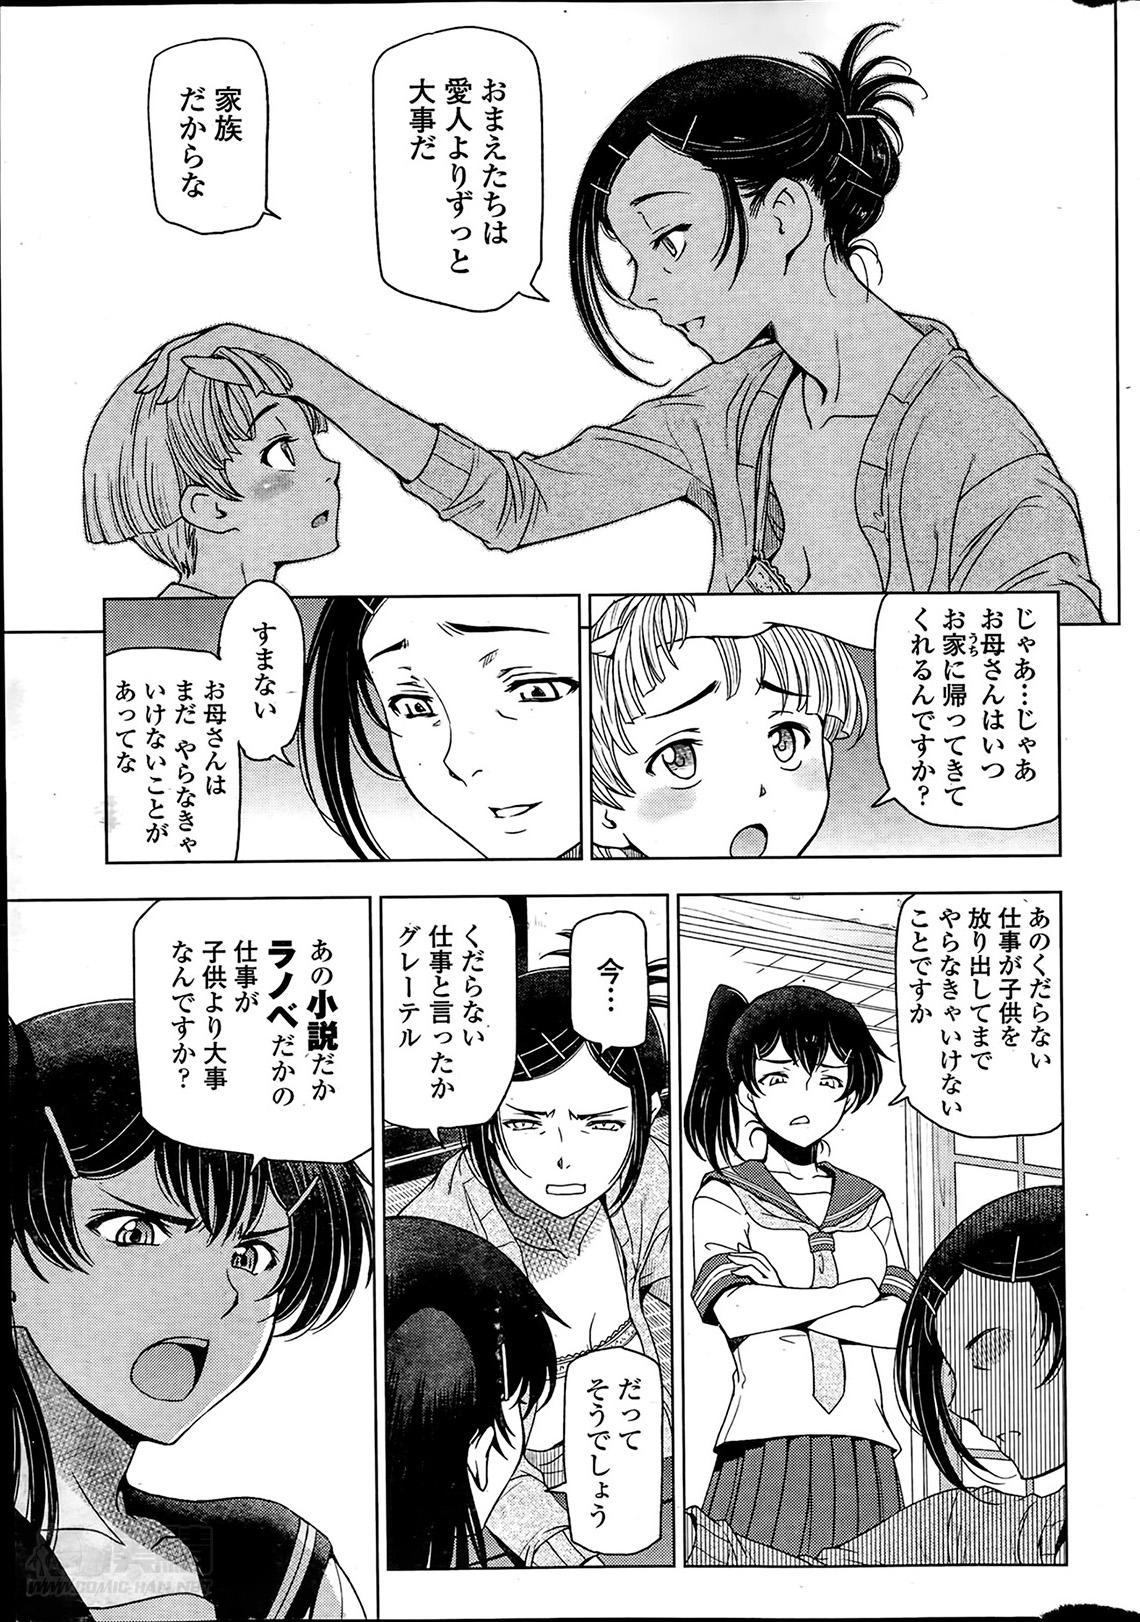 Natsu jiru + extra 24